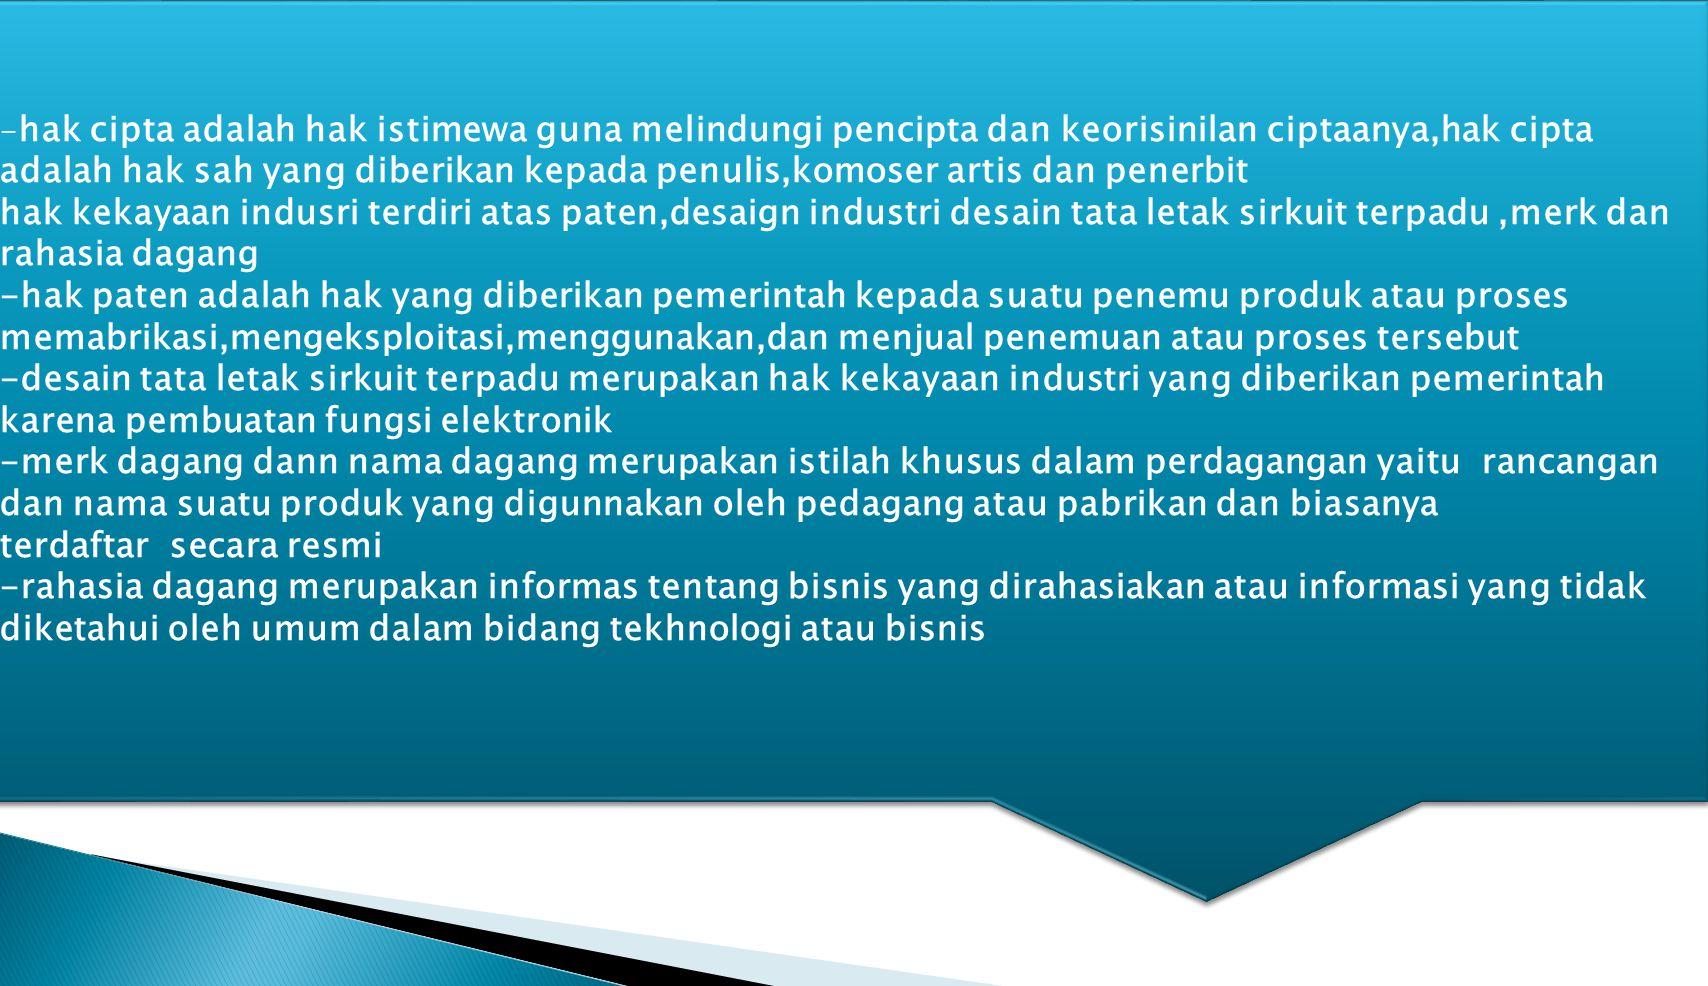 - hak cipta adalah hak istimewa guna melindungi pencipta dan keorisinilan ciptaanya,hak cipta adalah hak sah yang diberikan kepada penulis,komoser art